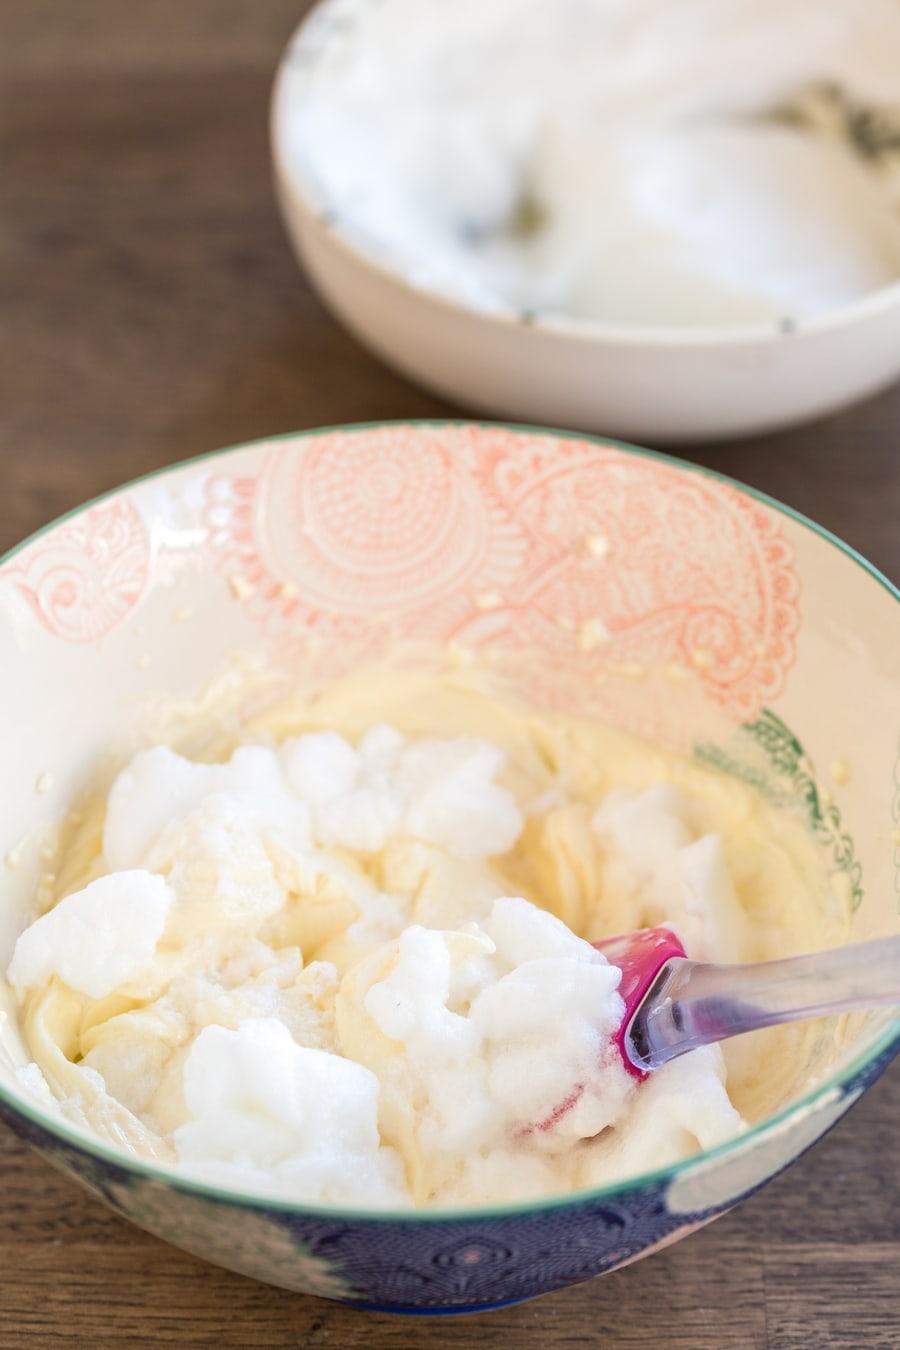 Folding egg whites into mascarpone cream.